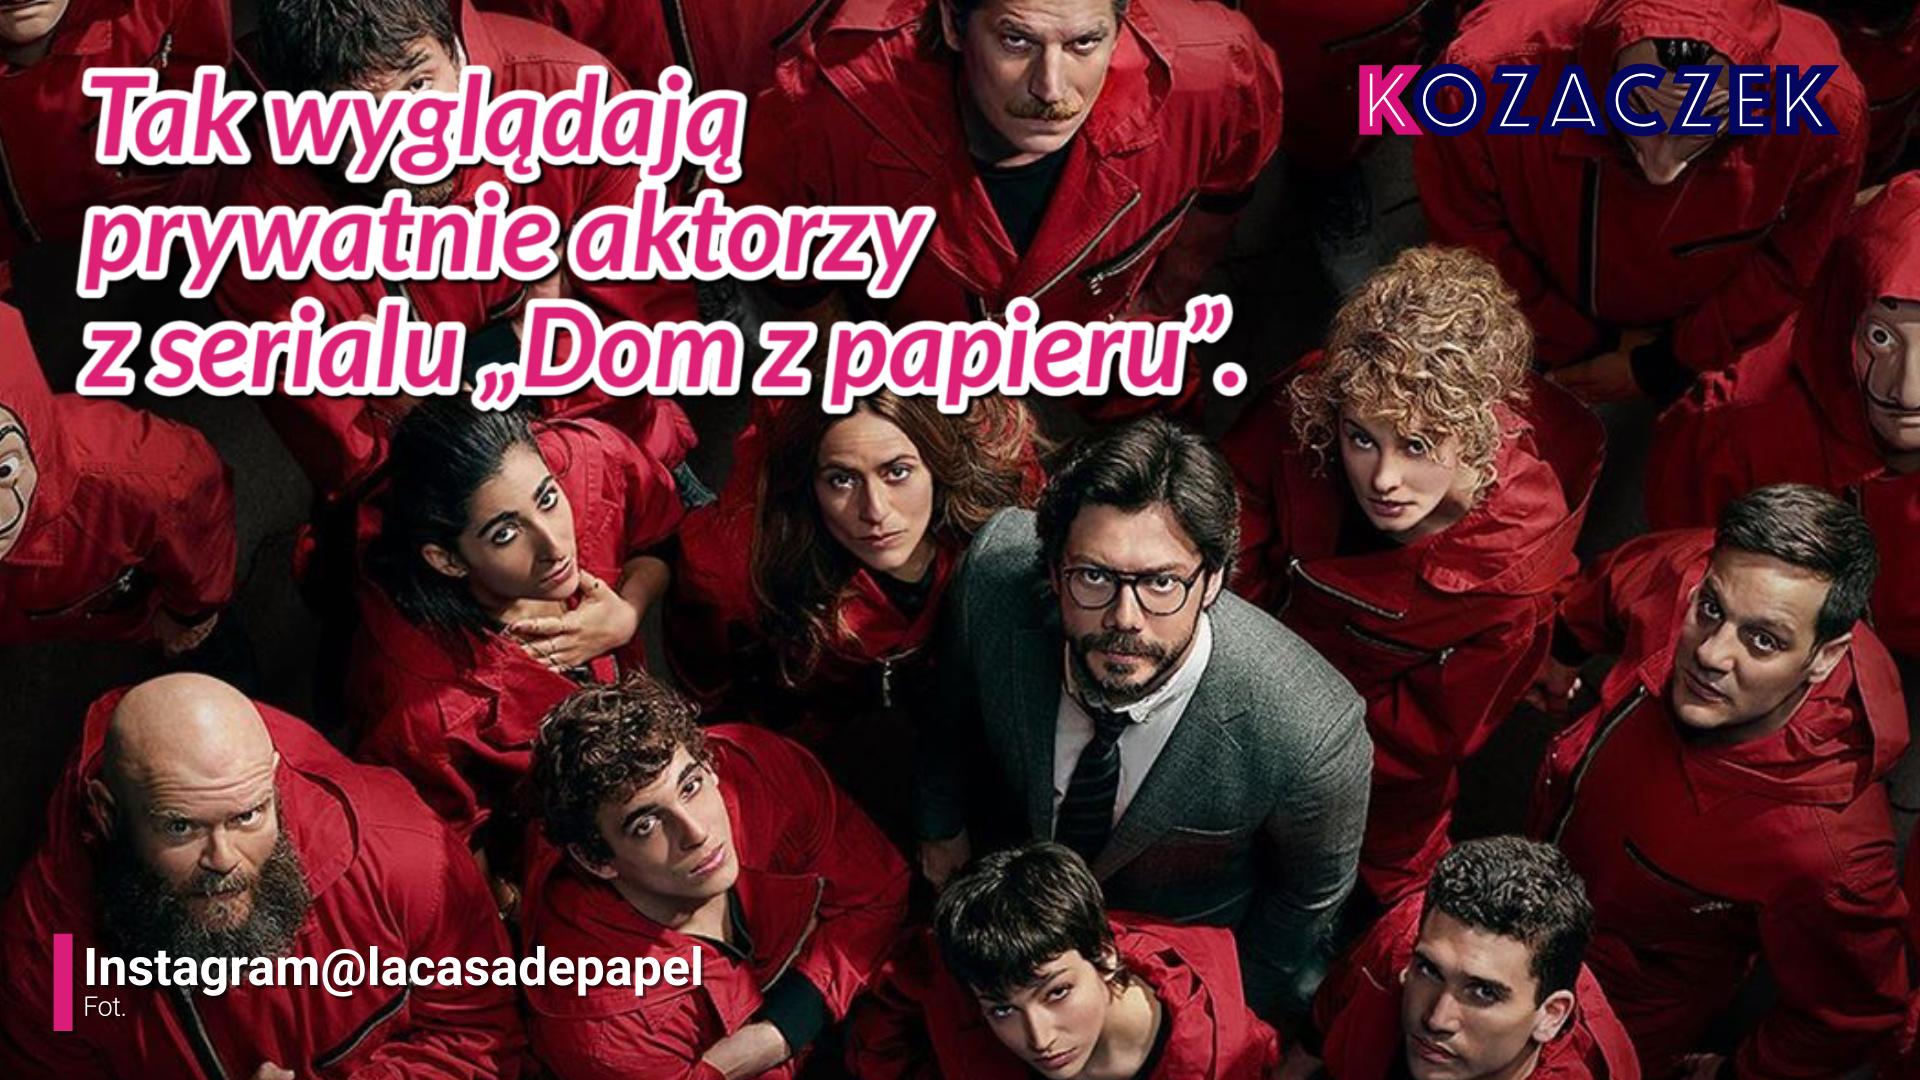 """Tak wyglądają prywatnie aktorzy z serialu """"DOM Z PAPIERU"""". Czym się zajmują?"""